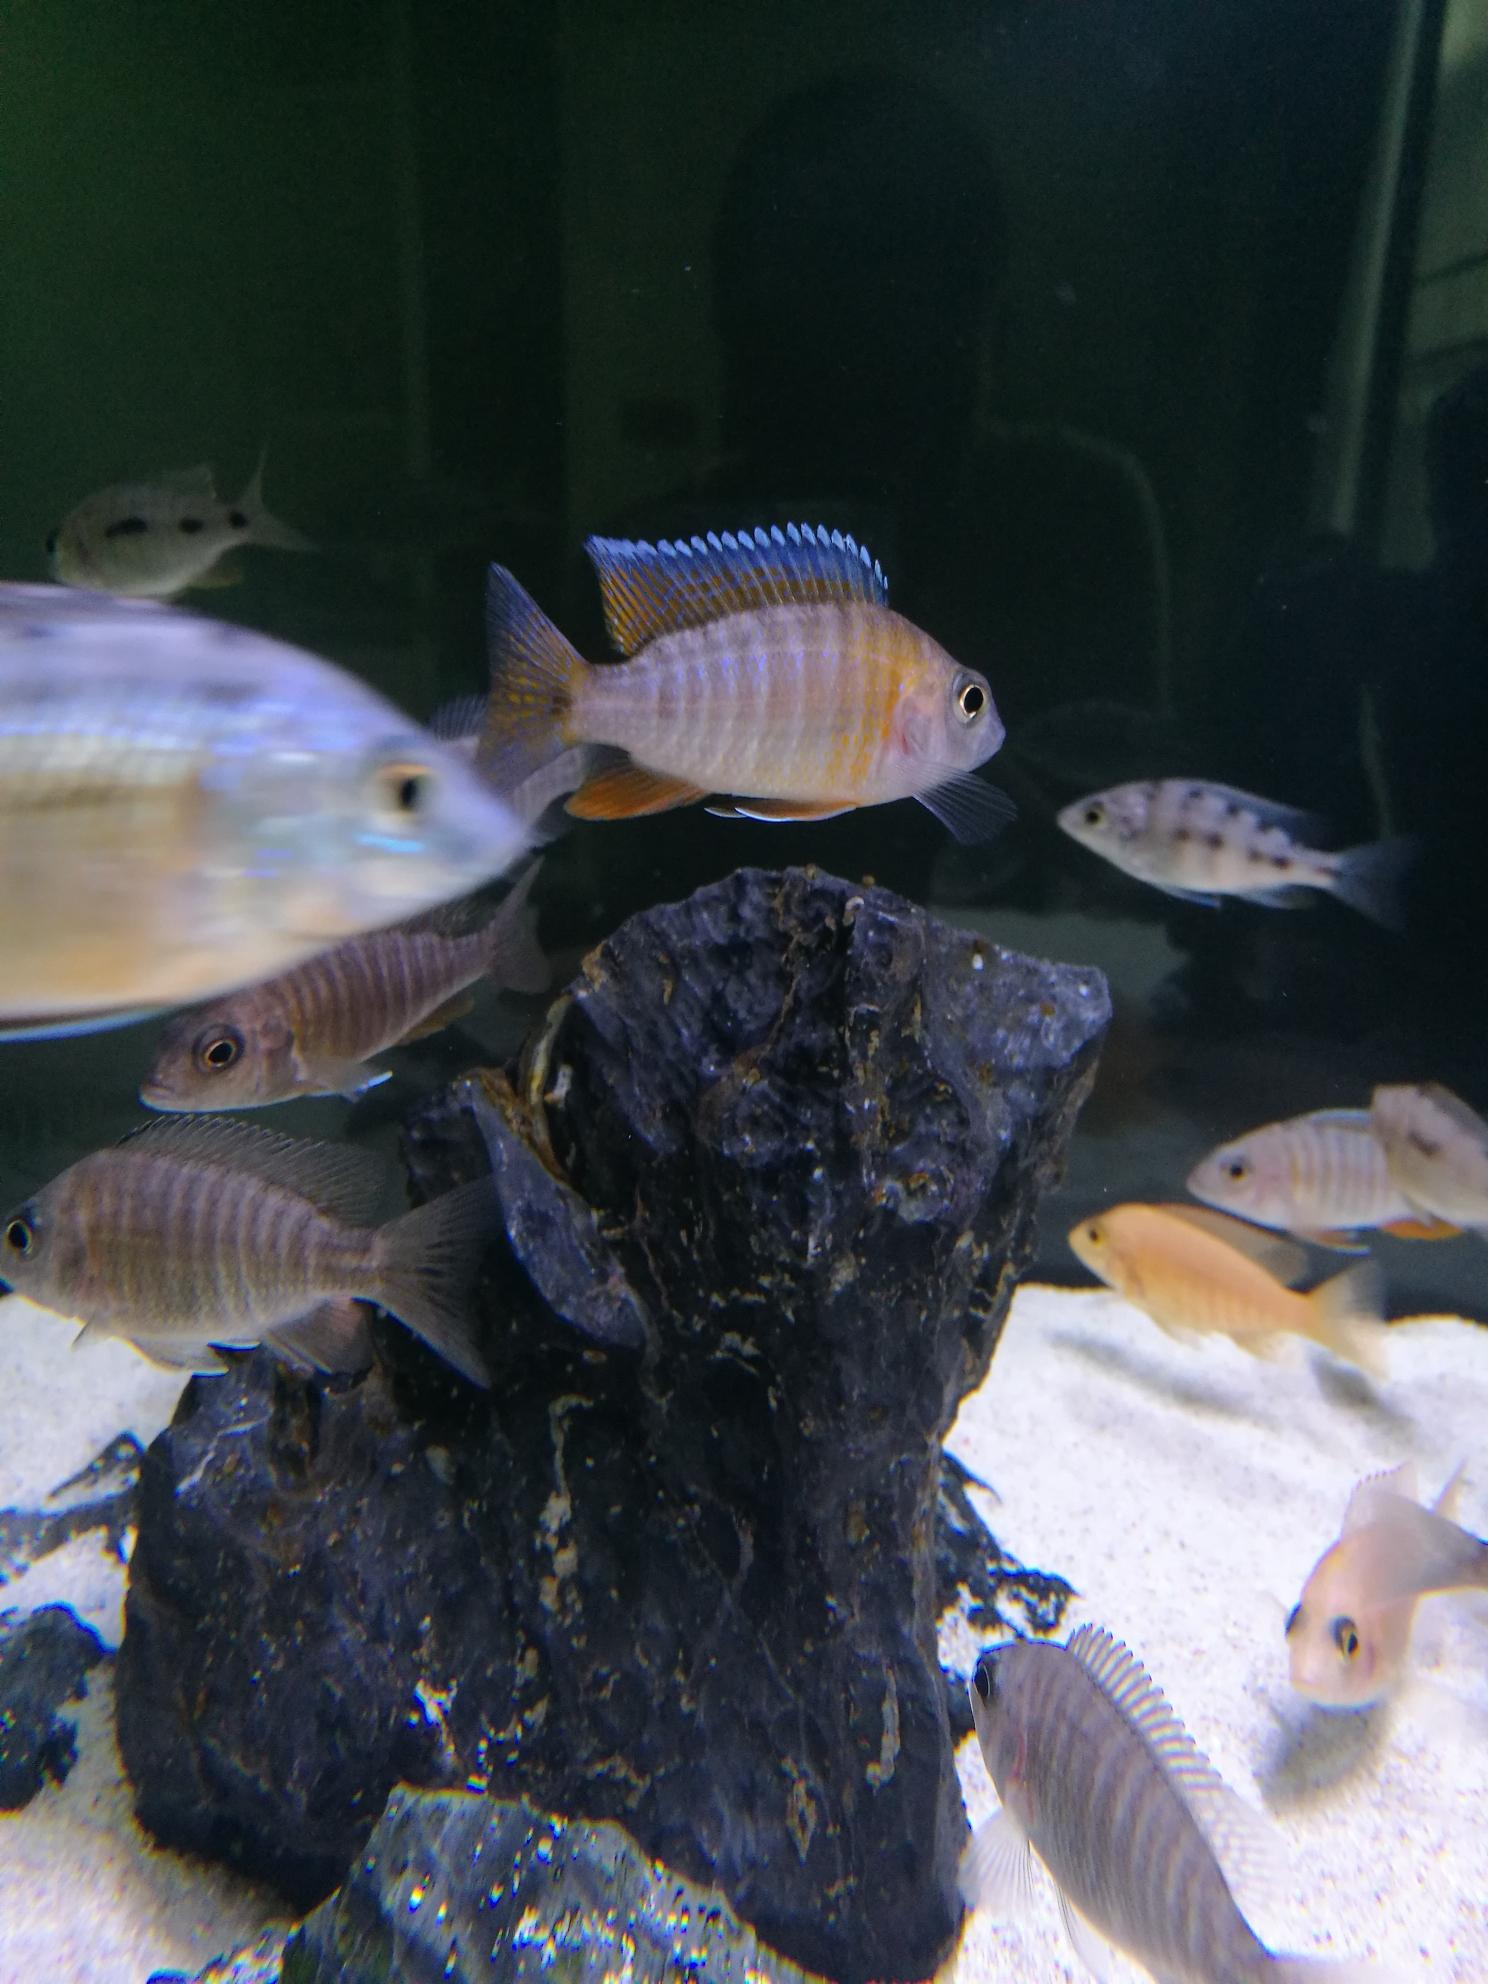 红珊瑚成长记三湖慈鲷 绵阳水族批发市场 绵阳水族批发市场第13张